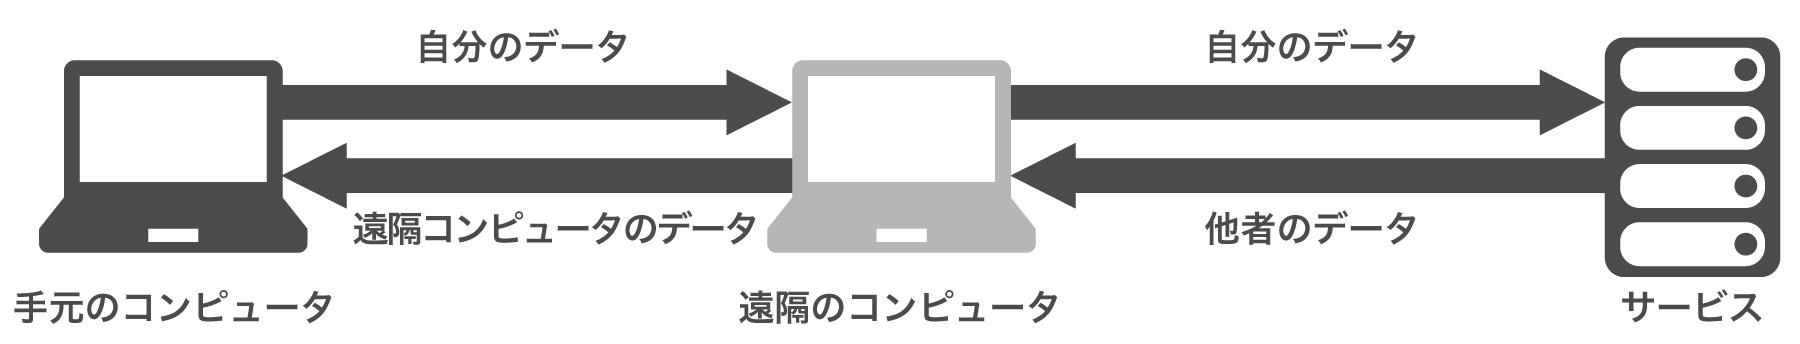 リモートデスクトップの場合のオンライン会議アクセス接続概念図